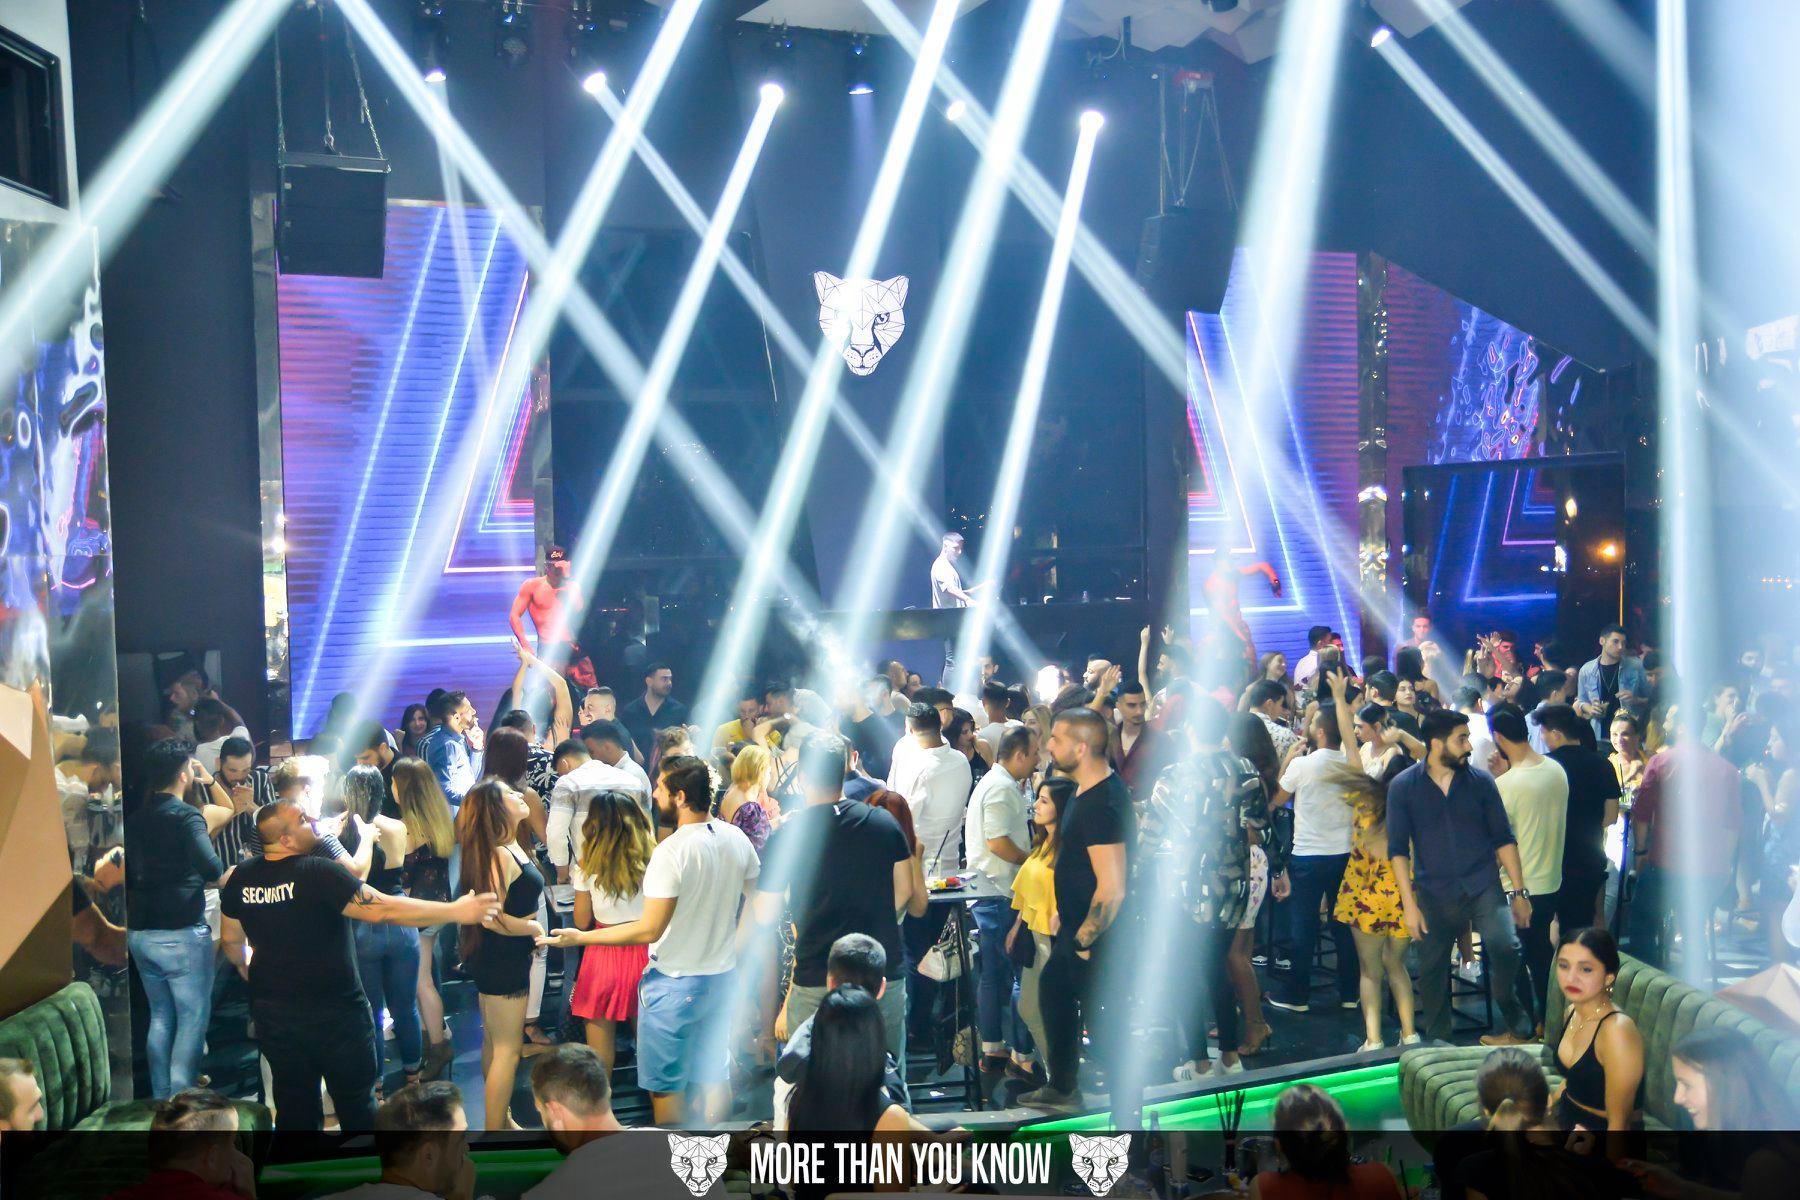 закрытая русская вечеринка в клубе